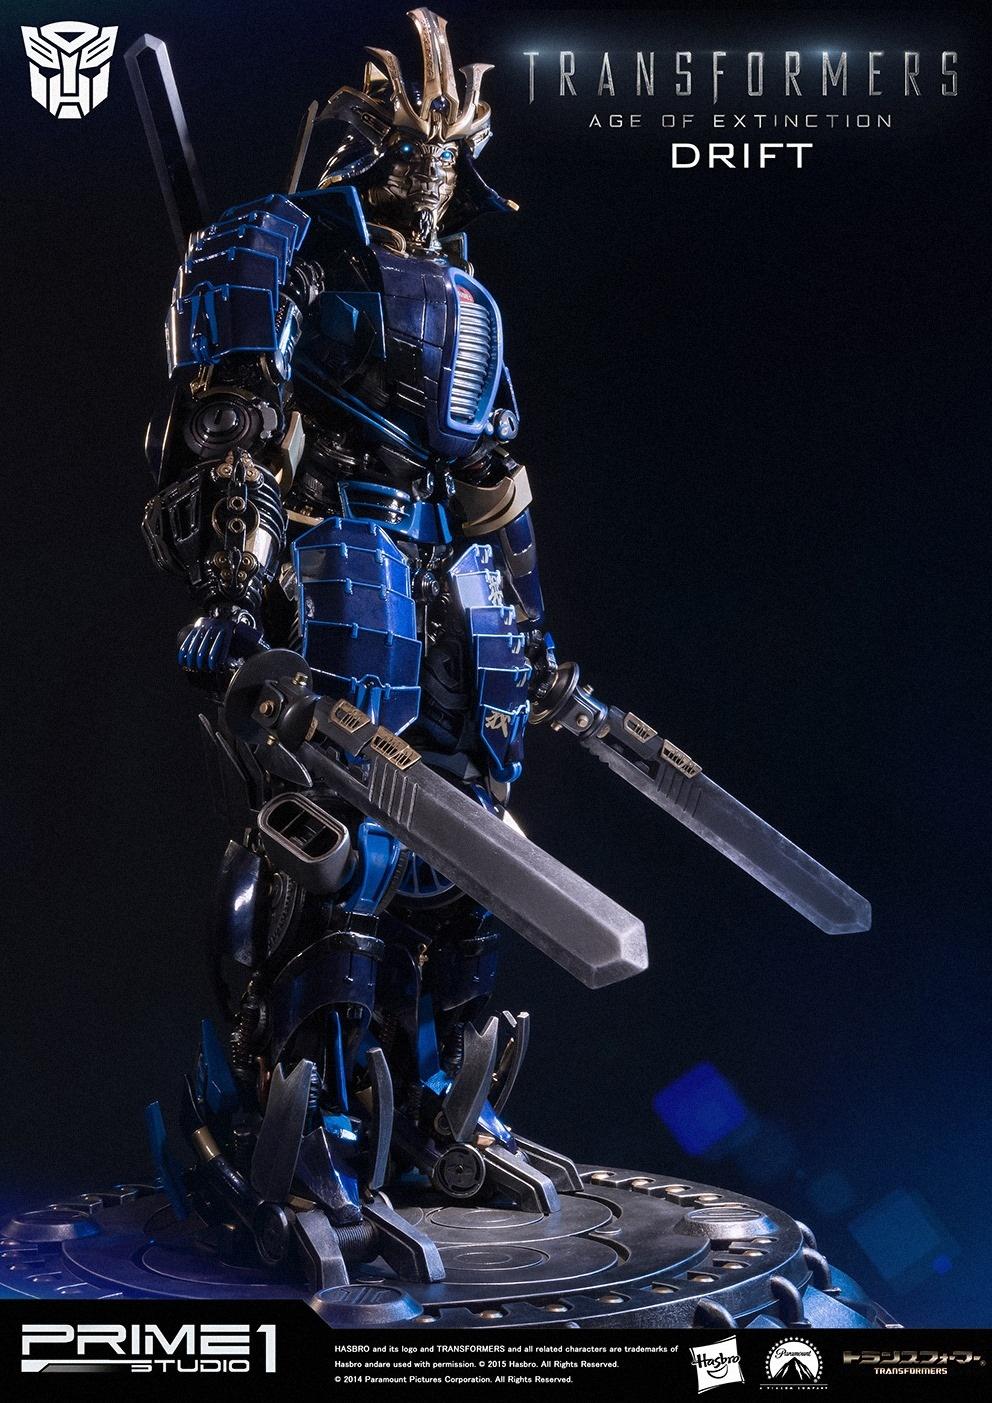 Statues des Films Transformers (articulé, non transformable) ― Par Prime1Studio, M3 Studio, Concept Zone, Super Fans Group, Soap Studio, Soldier Story Toys, etc - Page 3 878507image1423753851